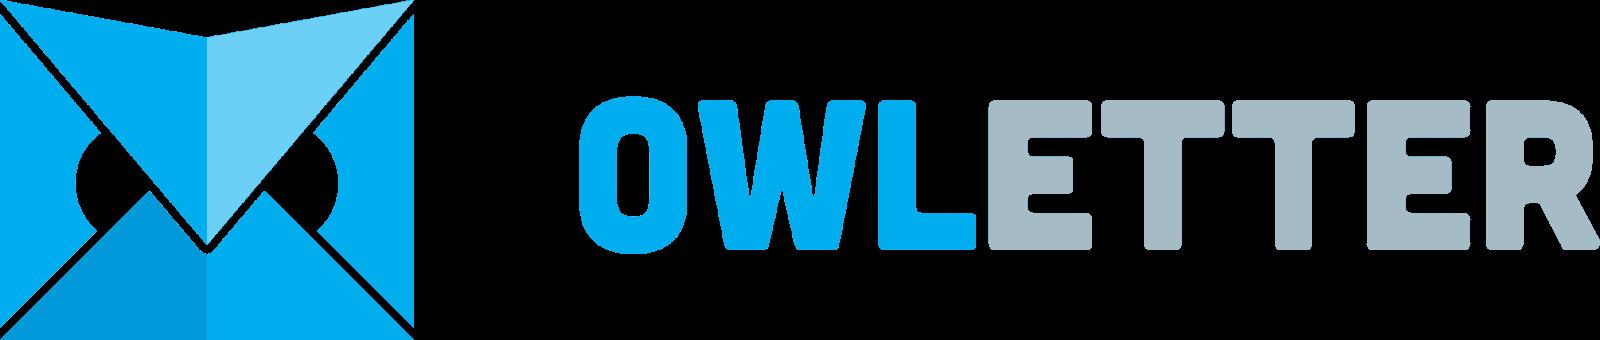 Owletter logo